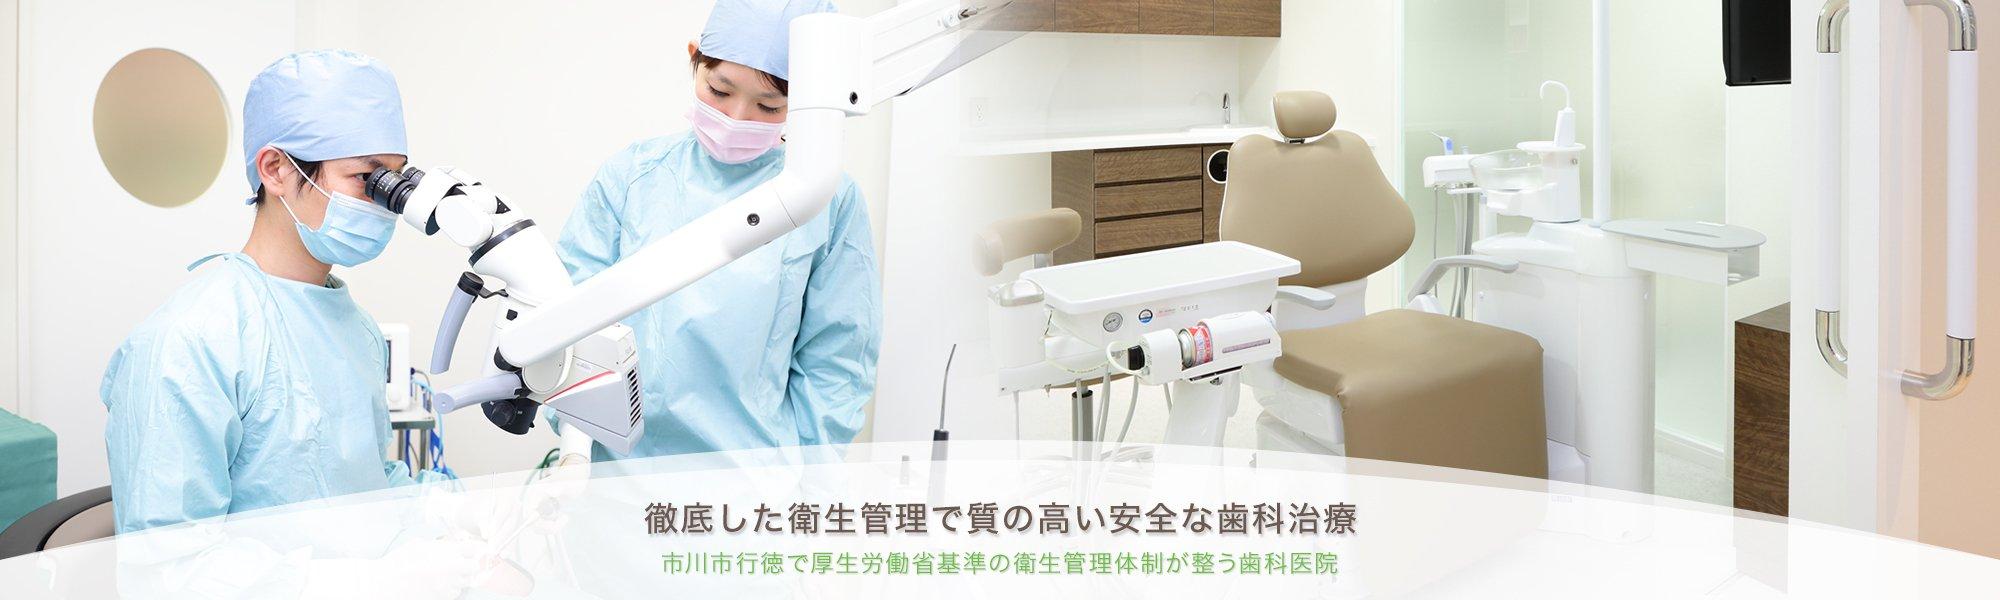 徹底した衛生管理で質の高い安全な歯科治療